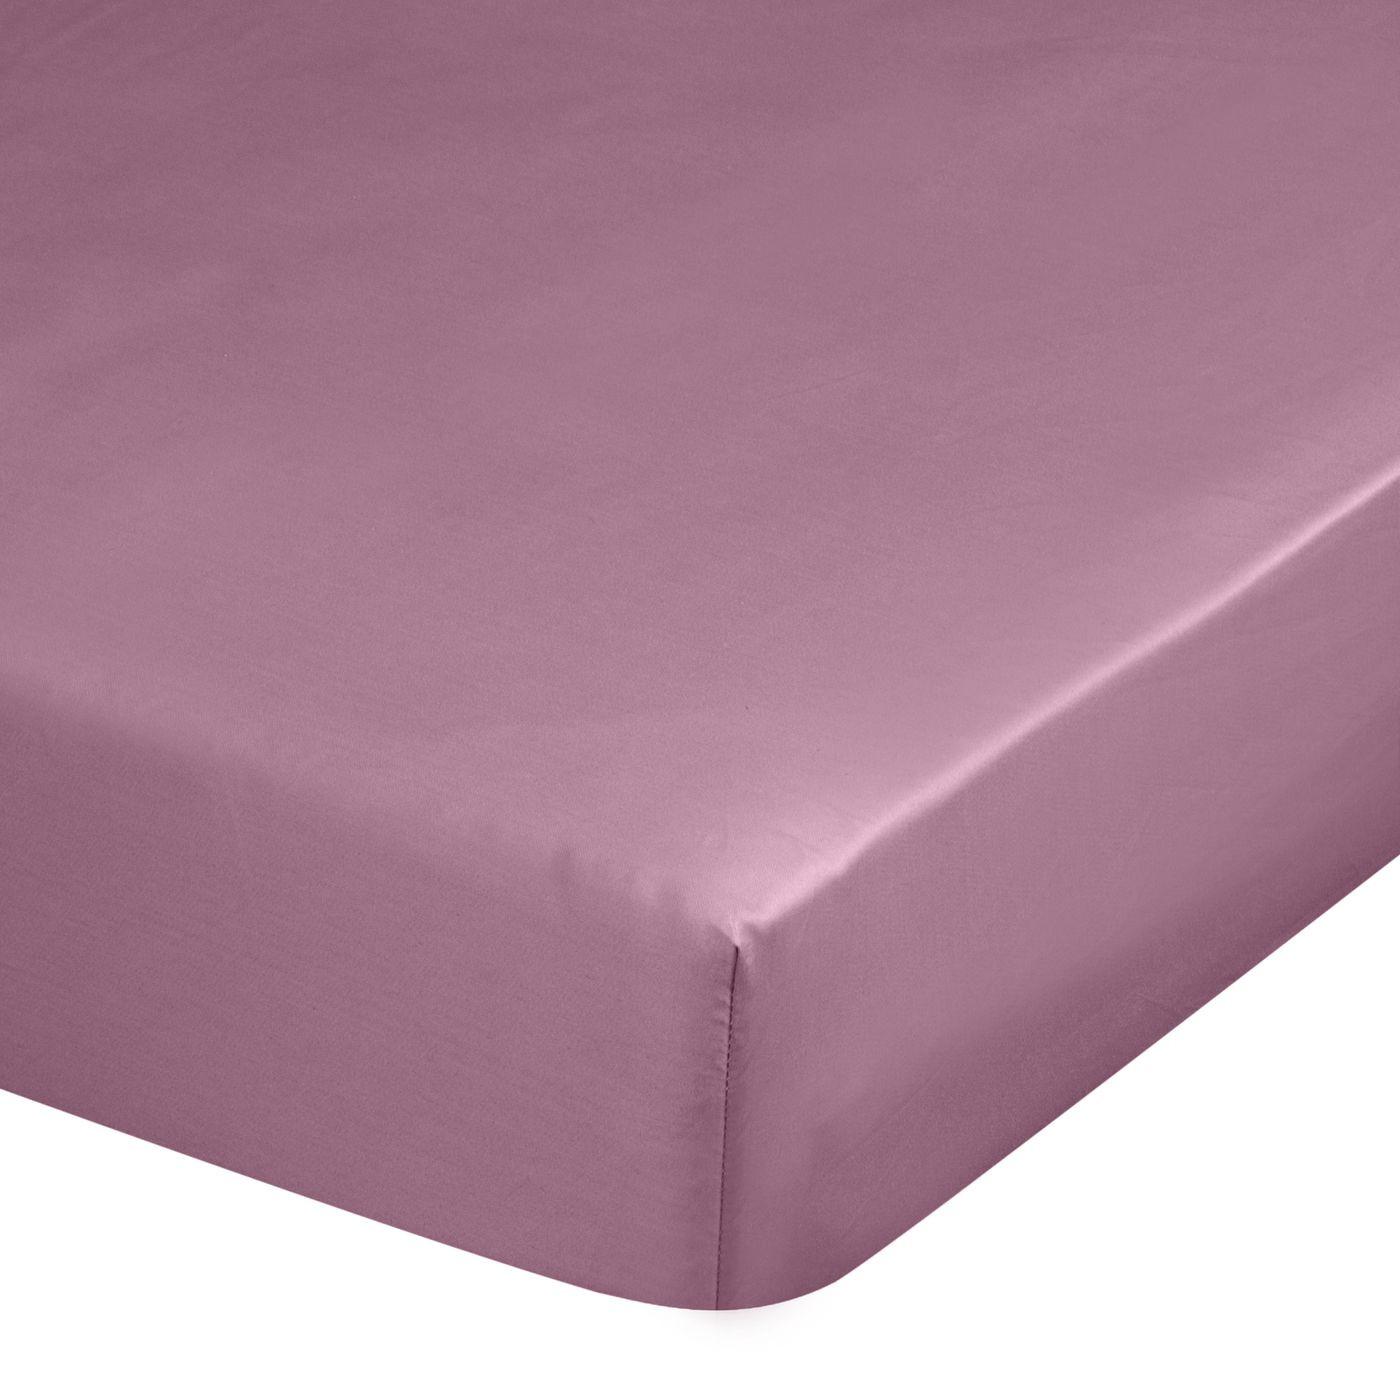 Prześcieradło z makosatyny gładkie 140x200+30cm kolor różowy